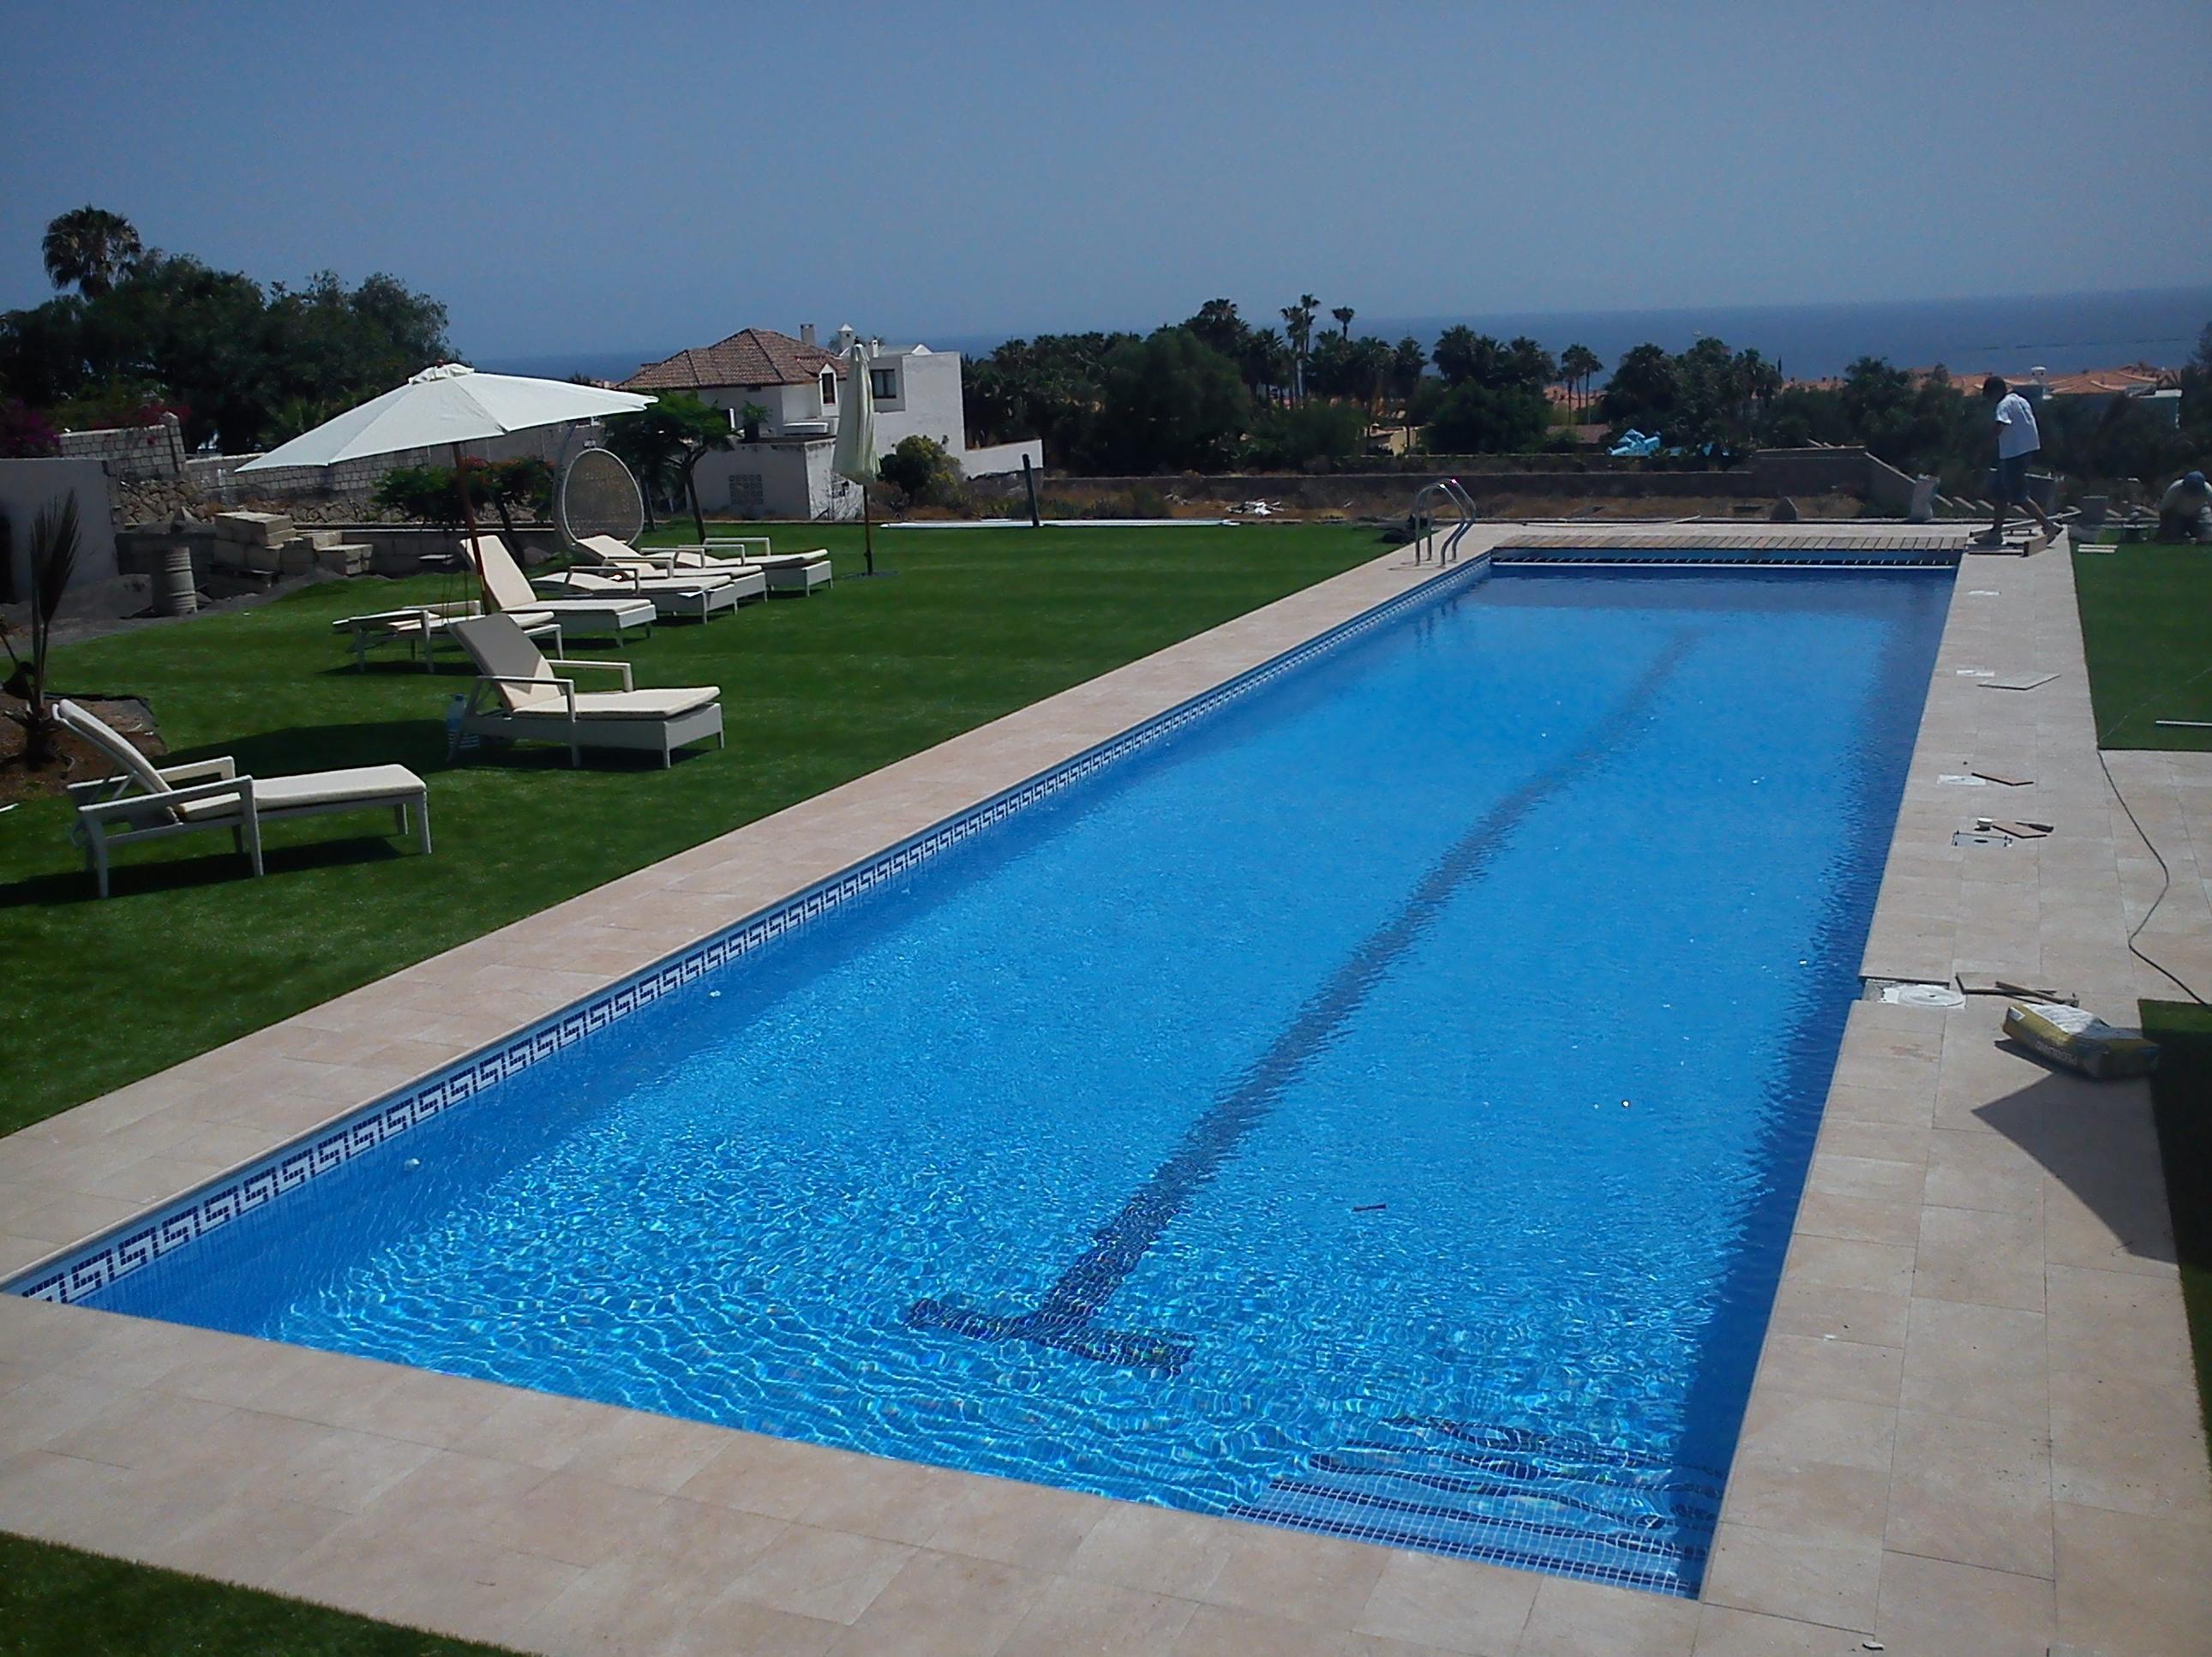 Cubiertas autom ticas para piscinas en tenerife piscinas - Cubierta de piscina ...